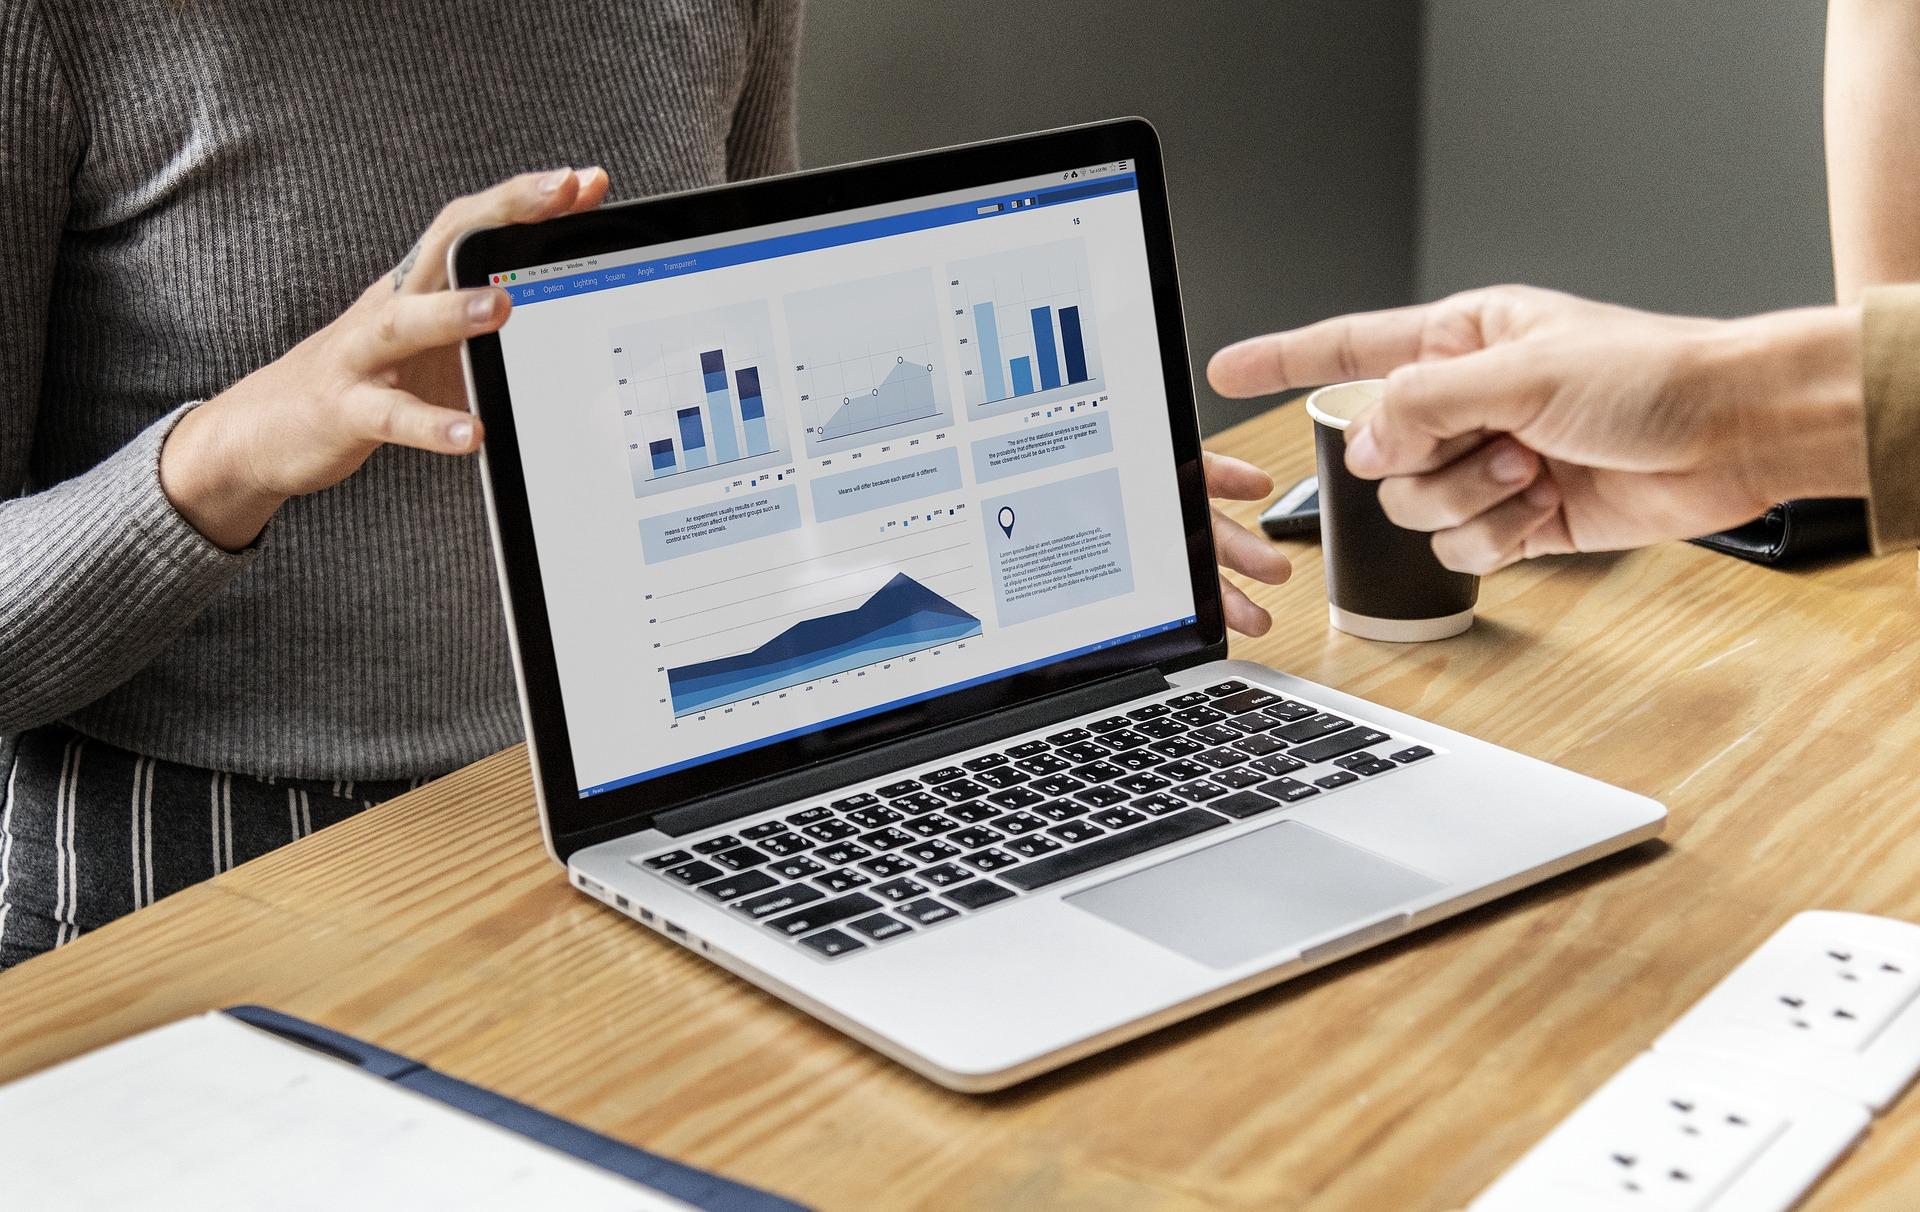 Utilisation d'outils d'analyses : Excel, Bases de données, Qlilk, Power Bi, Talend, Databases